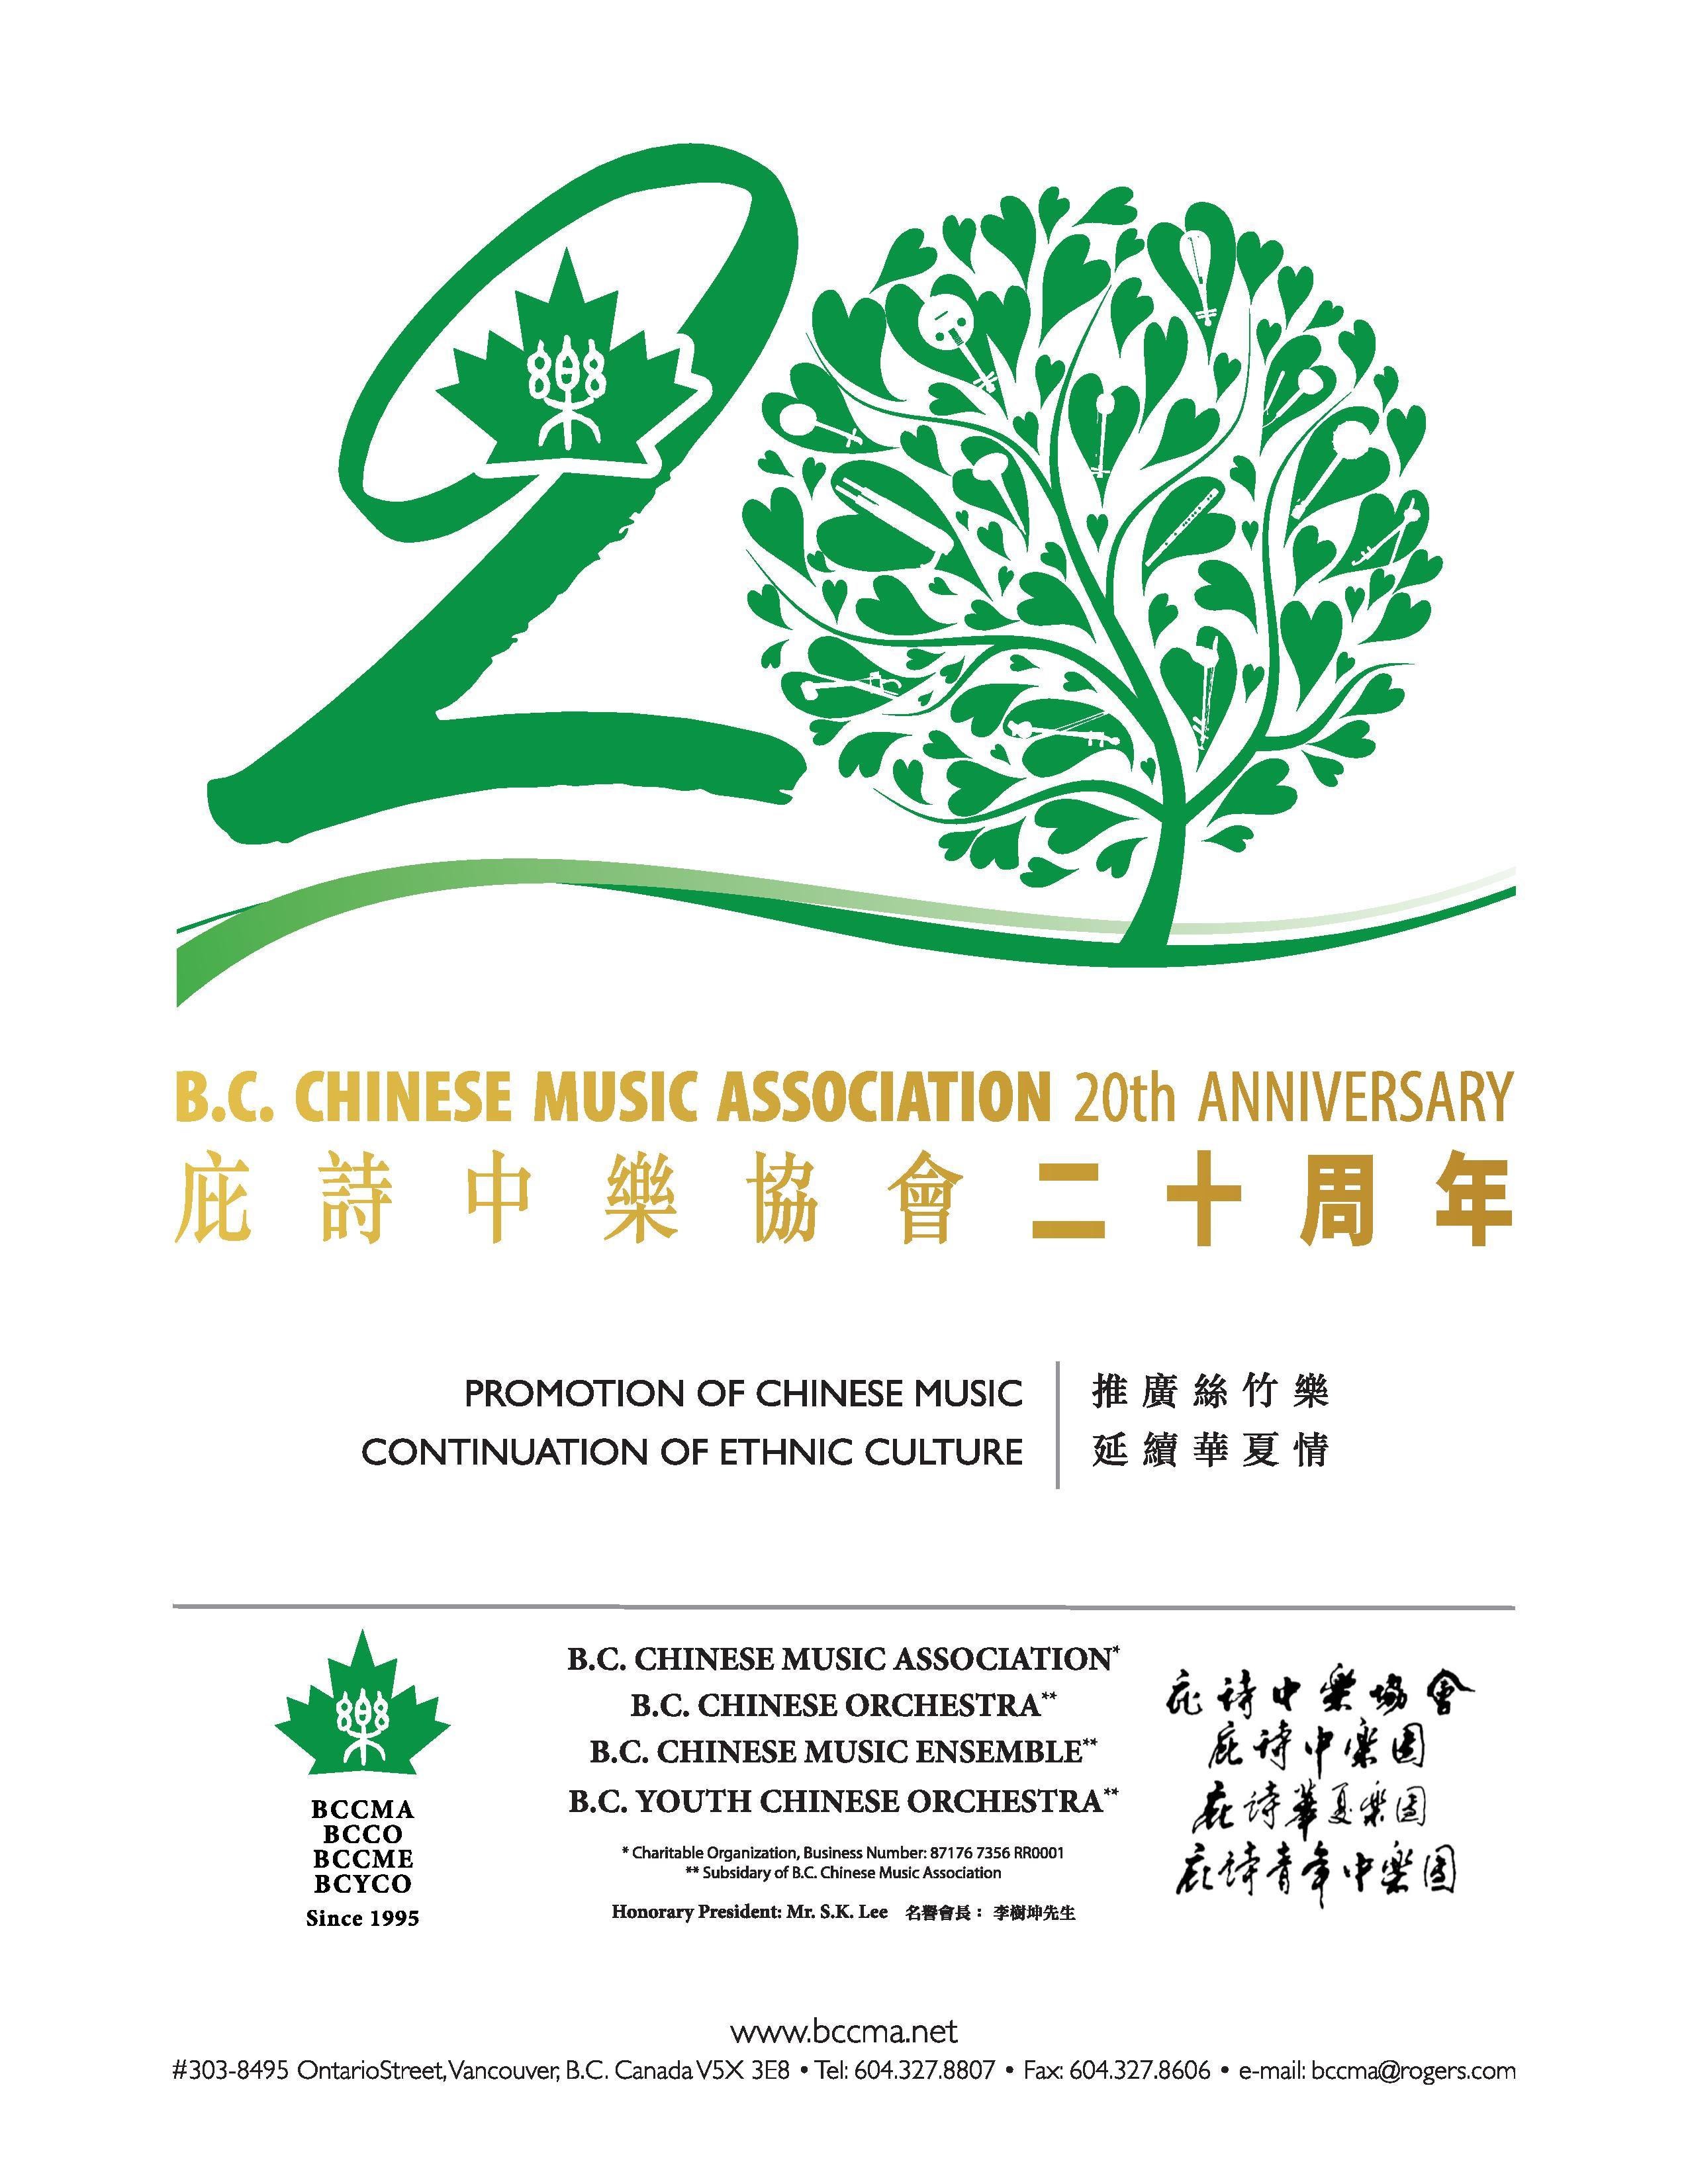 British Columbia Chinese Music Association 20th Anniversary